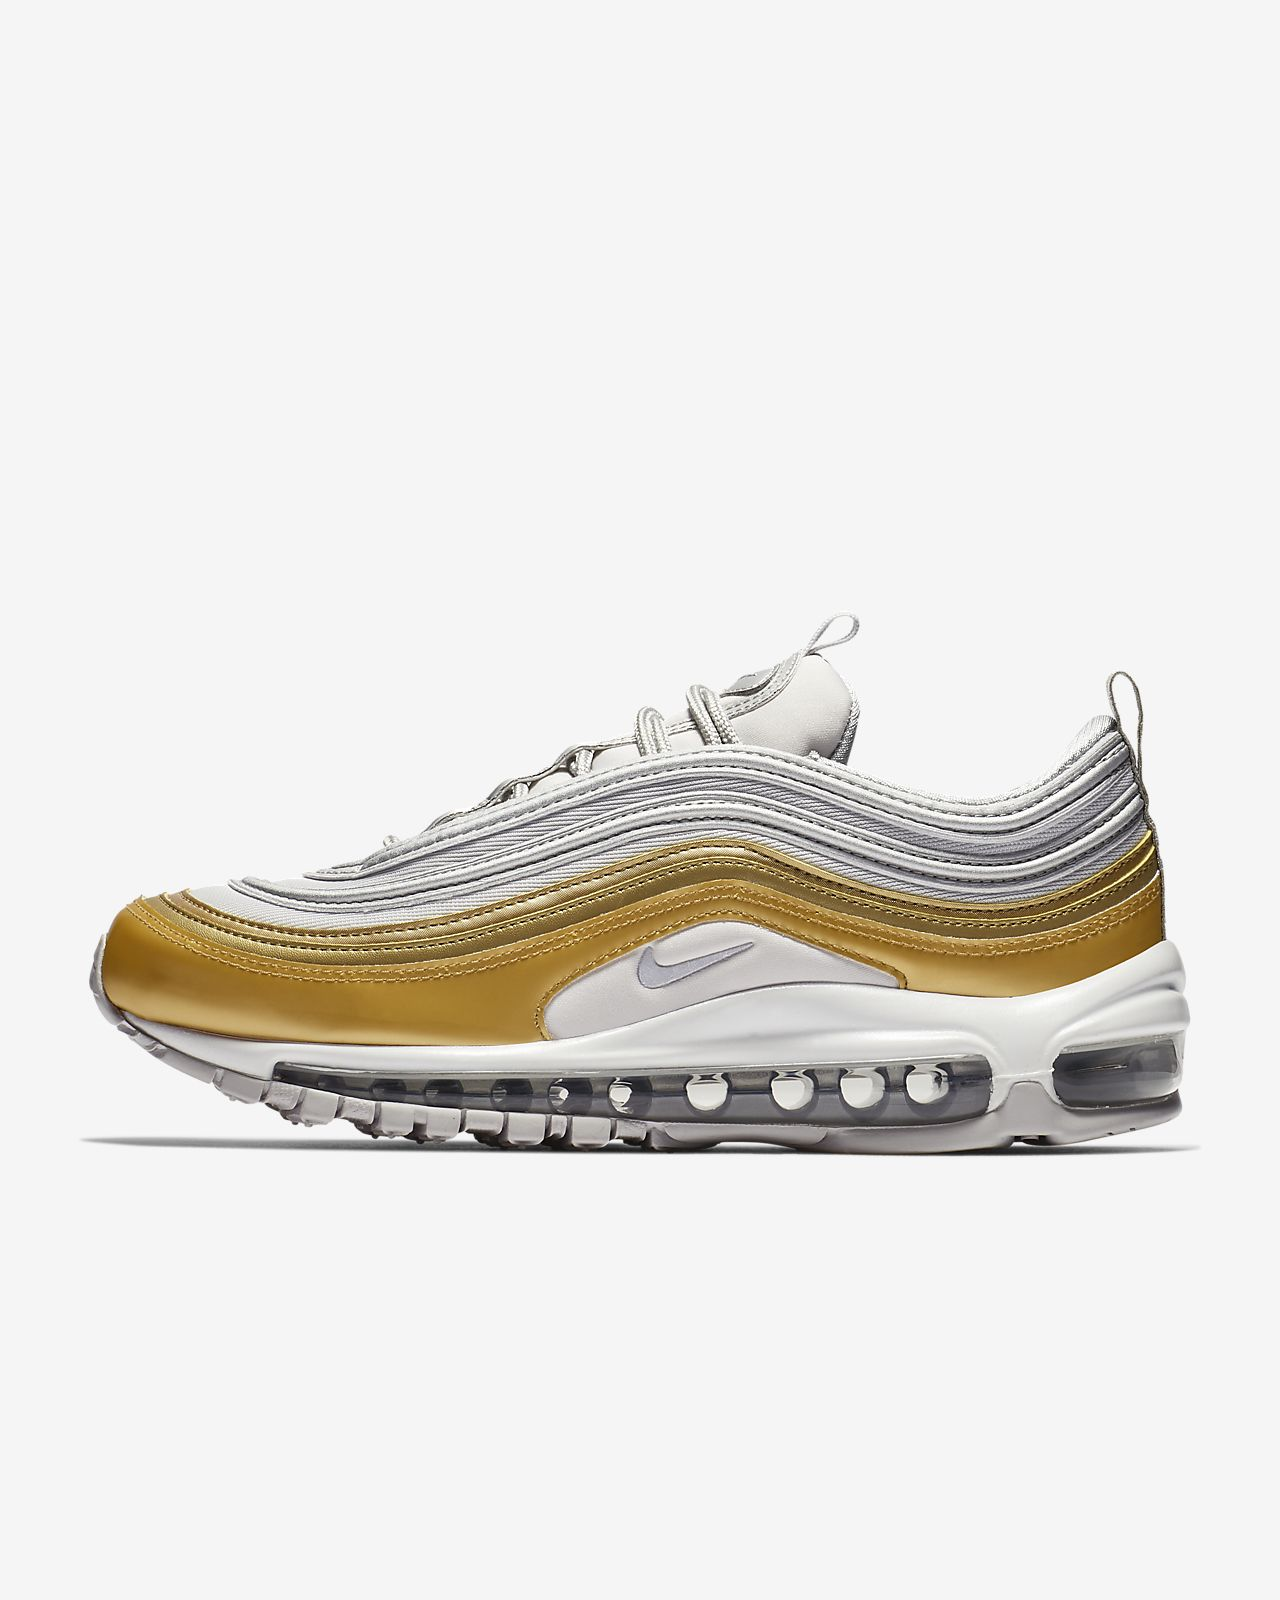 Chaussure Nike Air Max 97 SE Metallic pour Femme